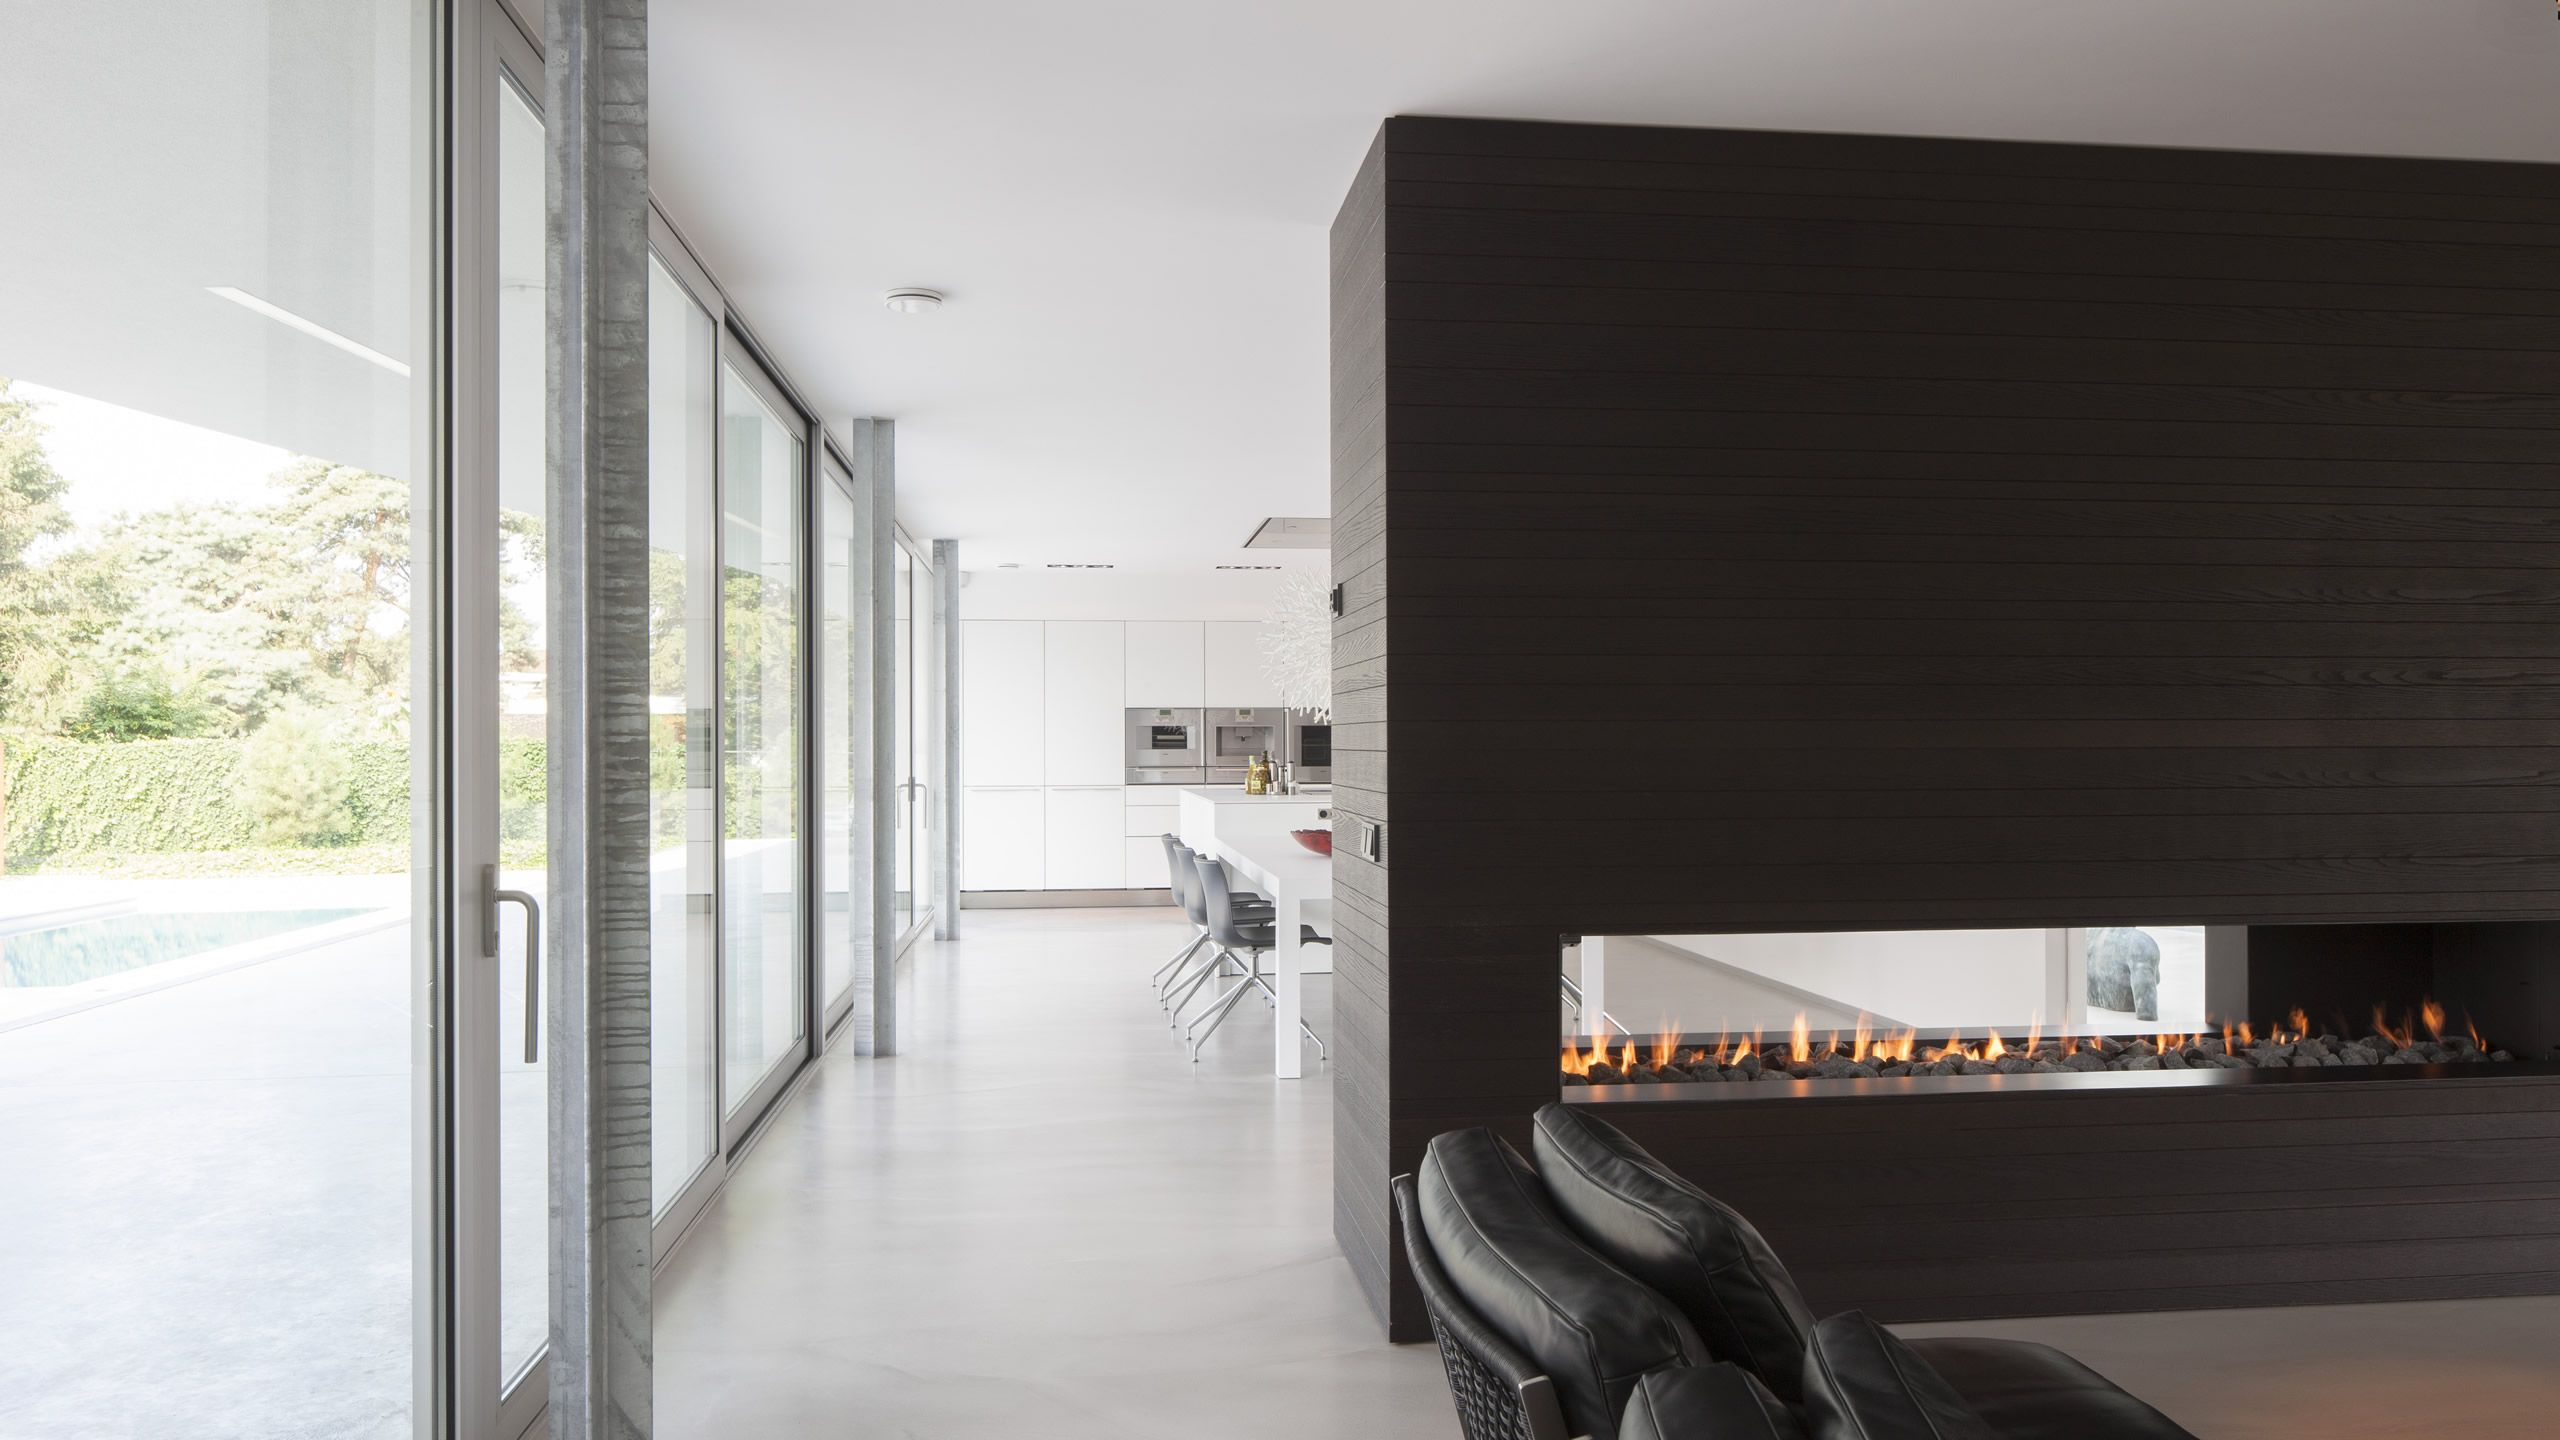 Lab architecten moderne eigentijdse architectuur villa spee